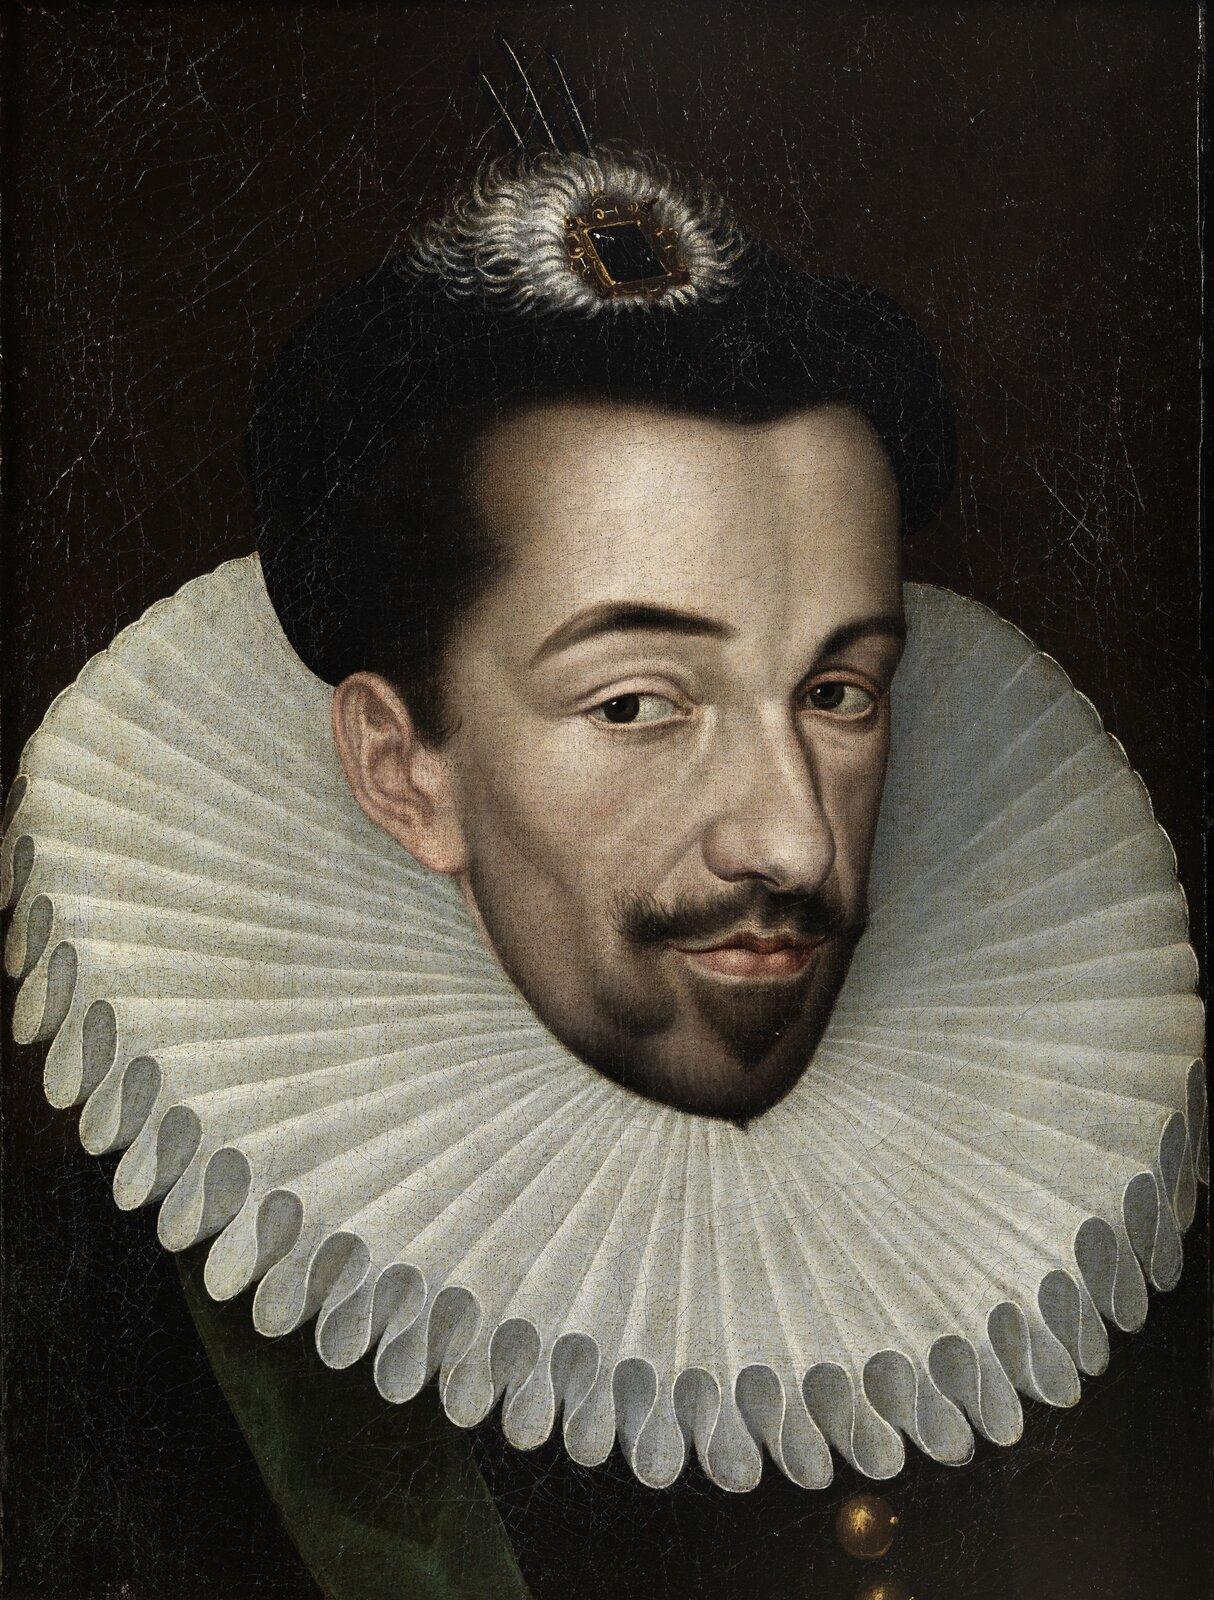 HenrykWalezy, pierwszy król elekcyjny wRzeczypospolitej, wybrany w1573 roku. HenrykWalezy, pierwszy król elekcyjny wRzeczypospolitej, wybrany w1573 roku. Źródło: François Quesnel, XVI w., olej na płótnie, Wikimedia Commons, domena publiczna.